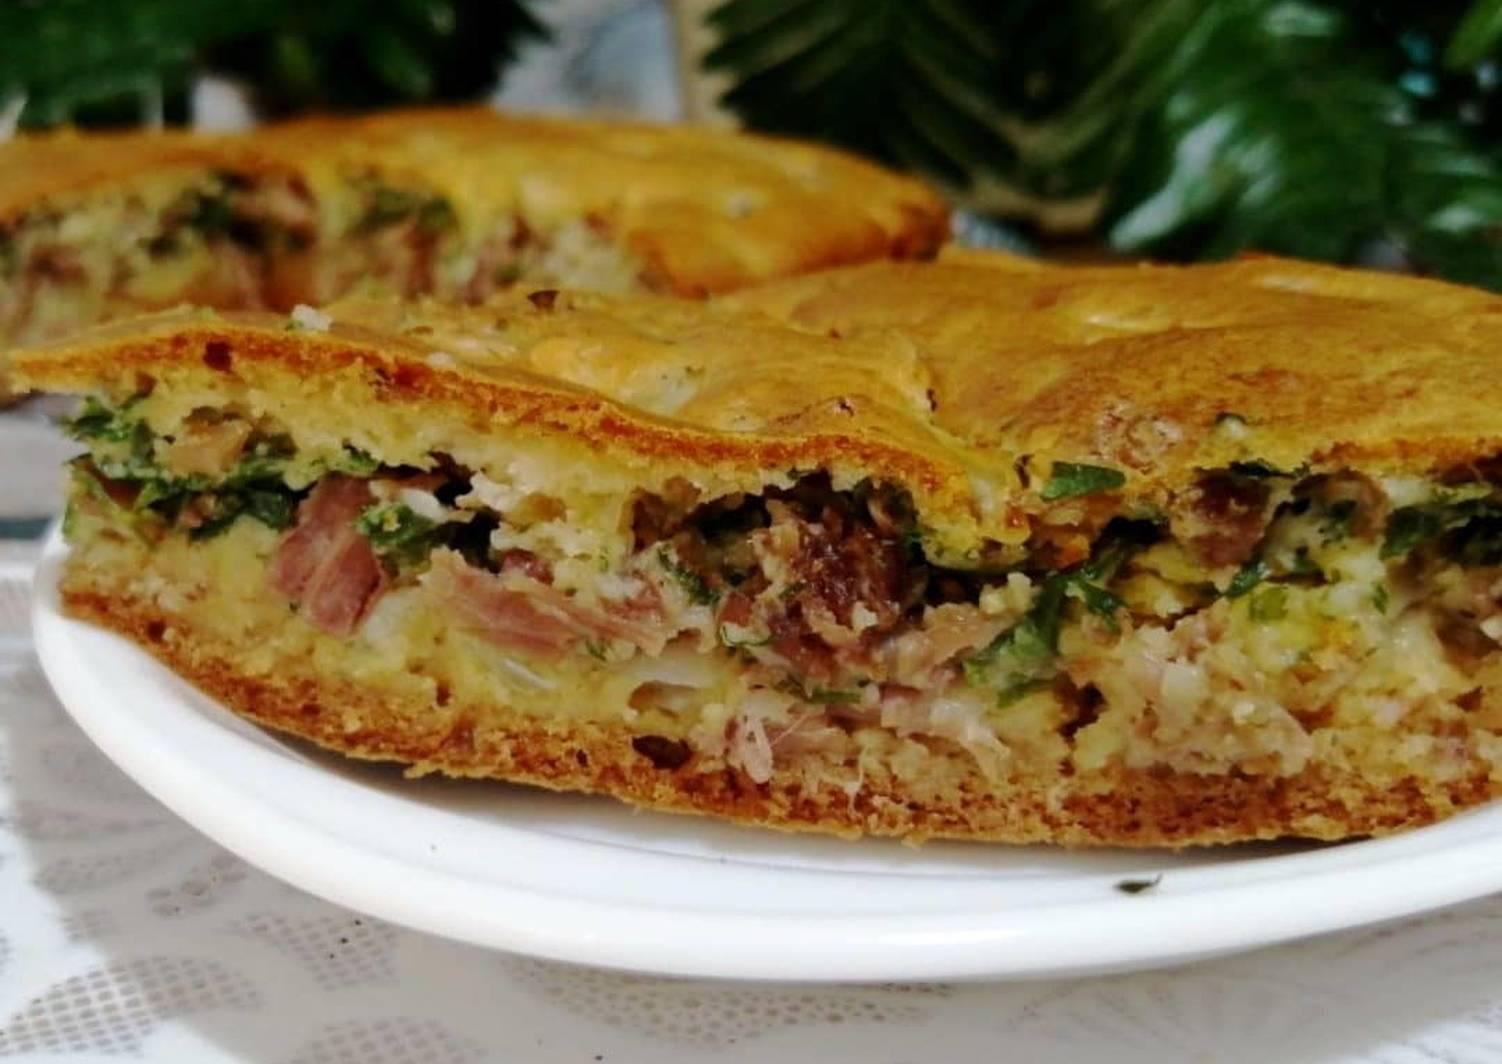 заливной мясной пирог рецепт с фото сувениры, шампанское